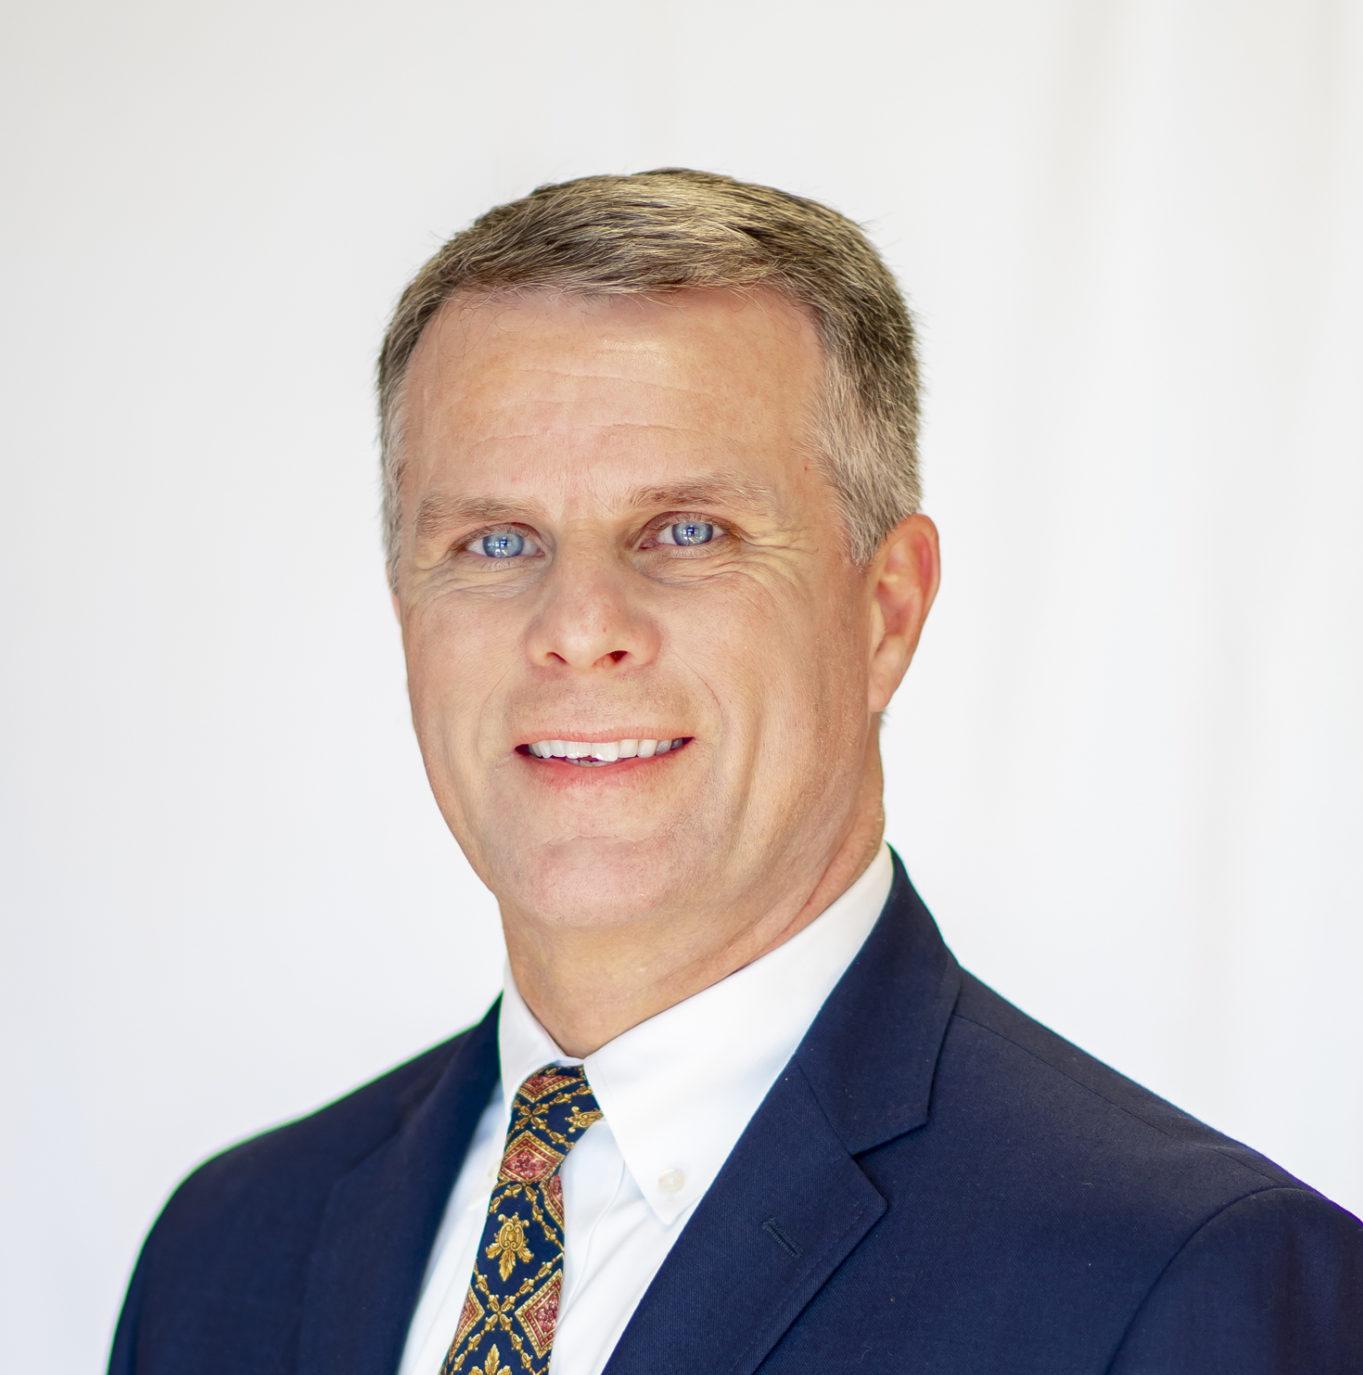 Scott Saporito, Treasurer